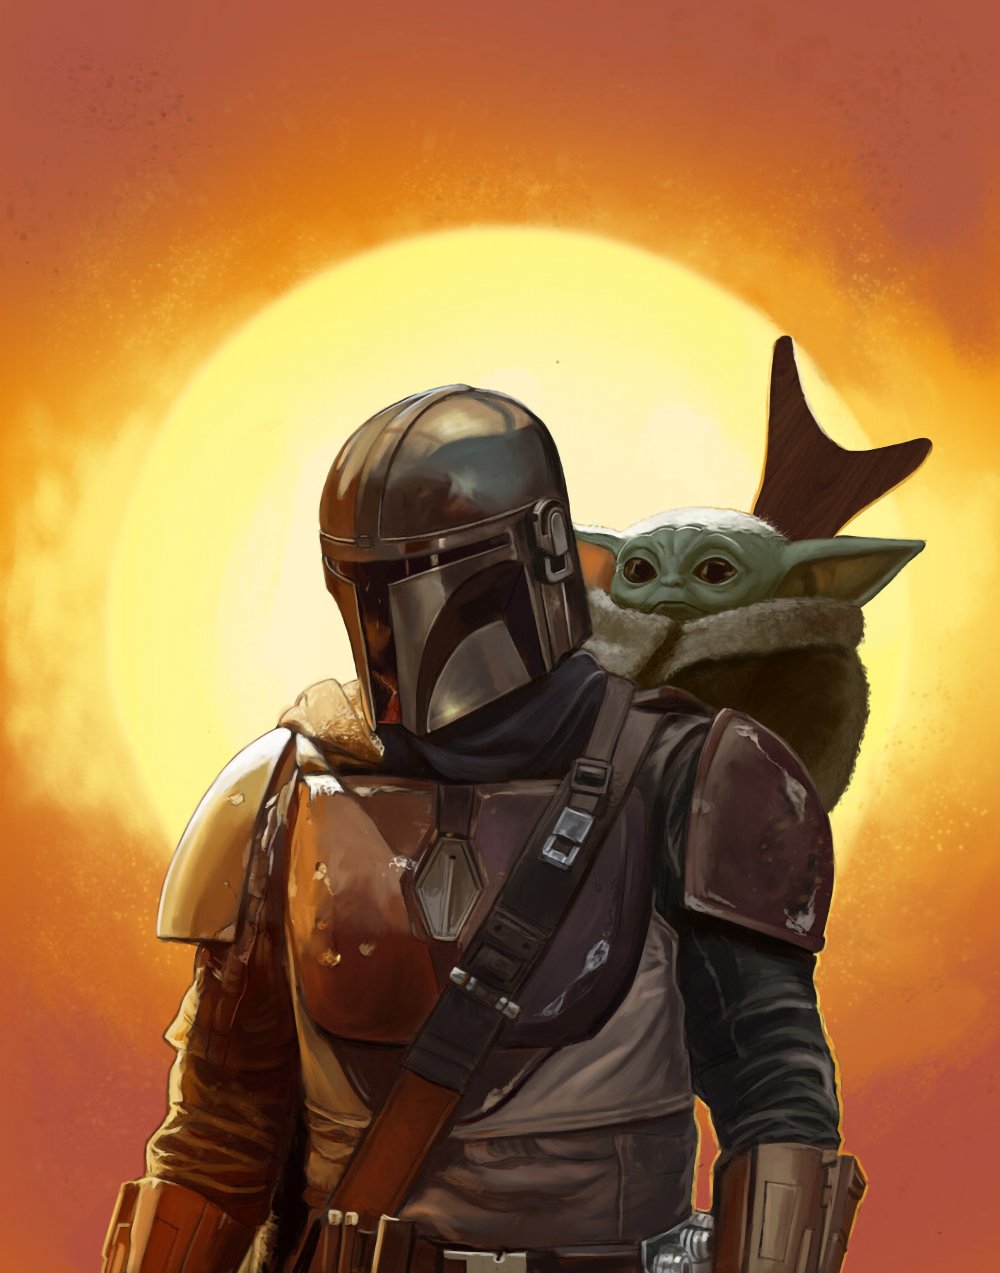 Baby Yoda And Mandalorian Fanart In 2020 Star Wars Images Star Wars Pictures Star Wars Poster